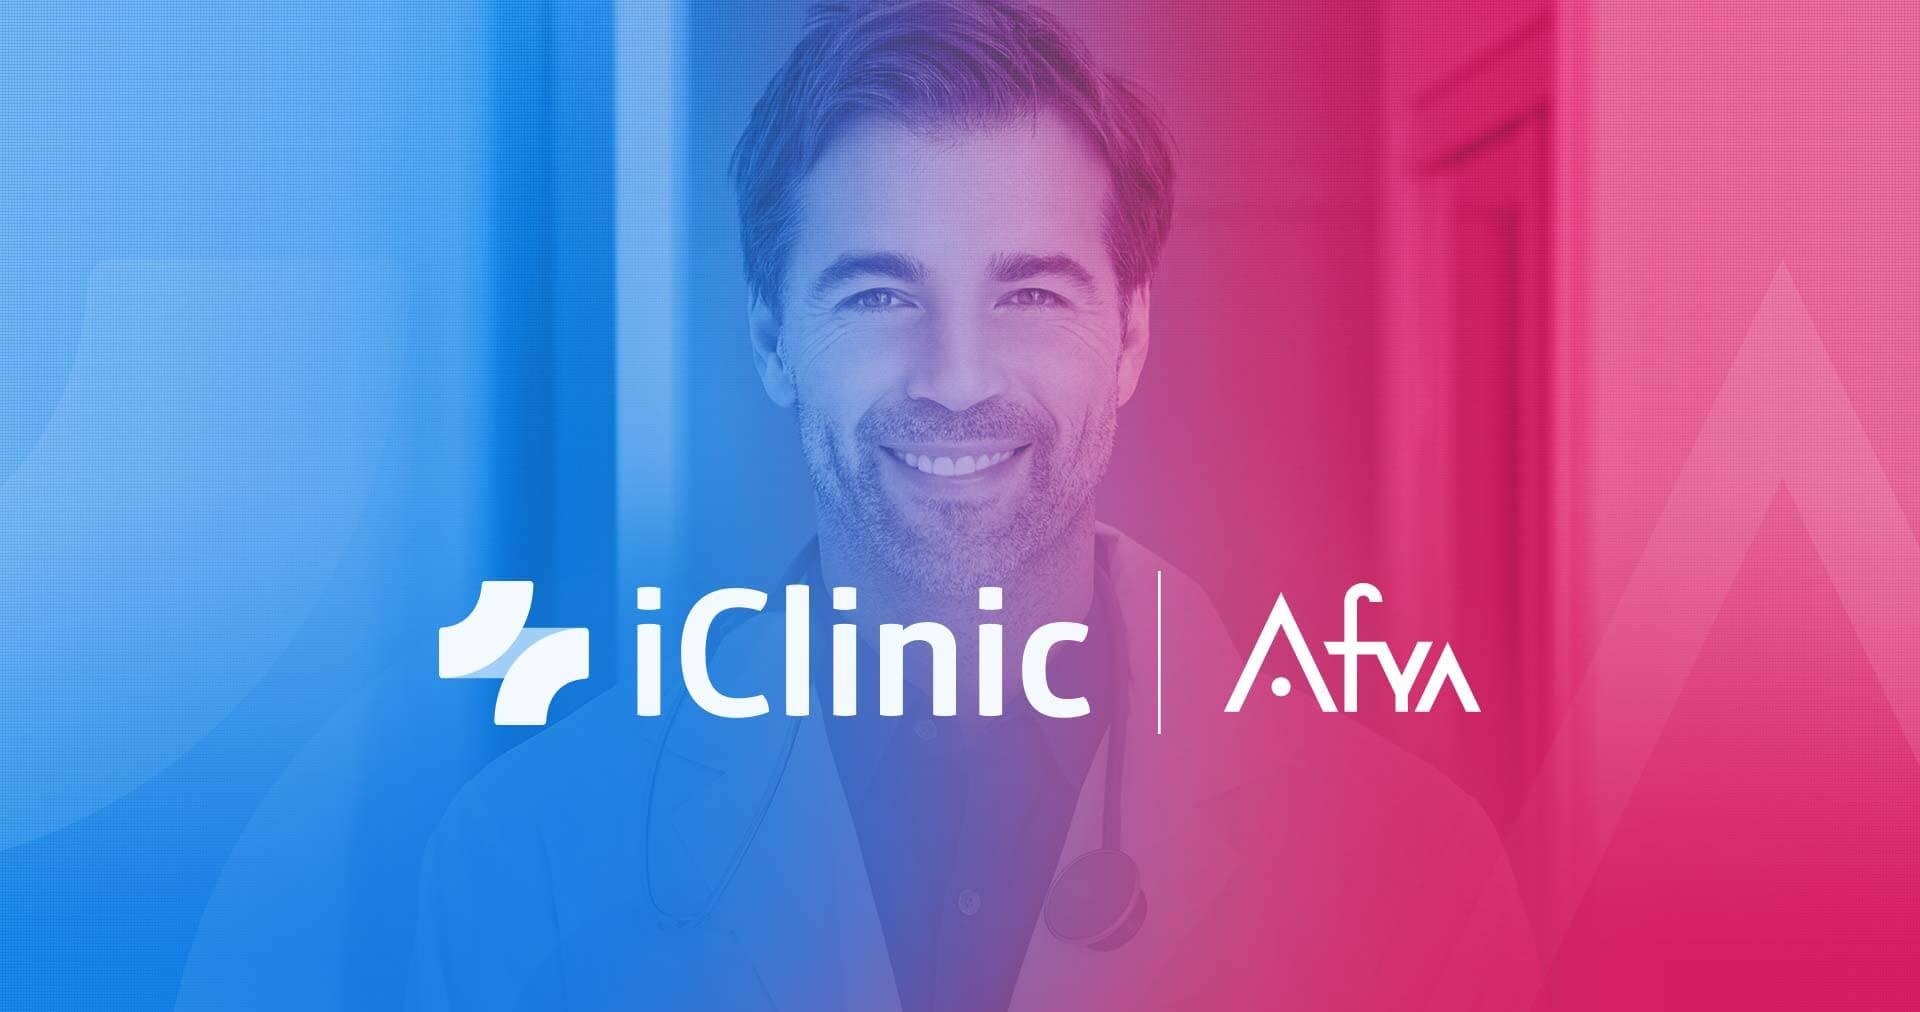 A iClinic se junta à Afya, maior grupo de educação médica do país